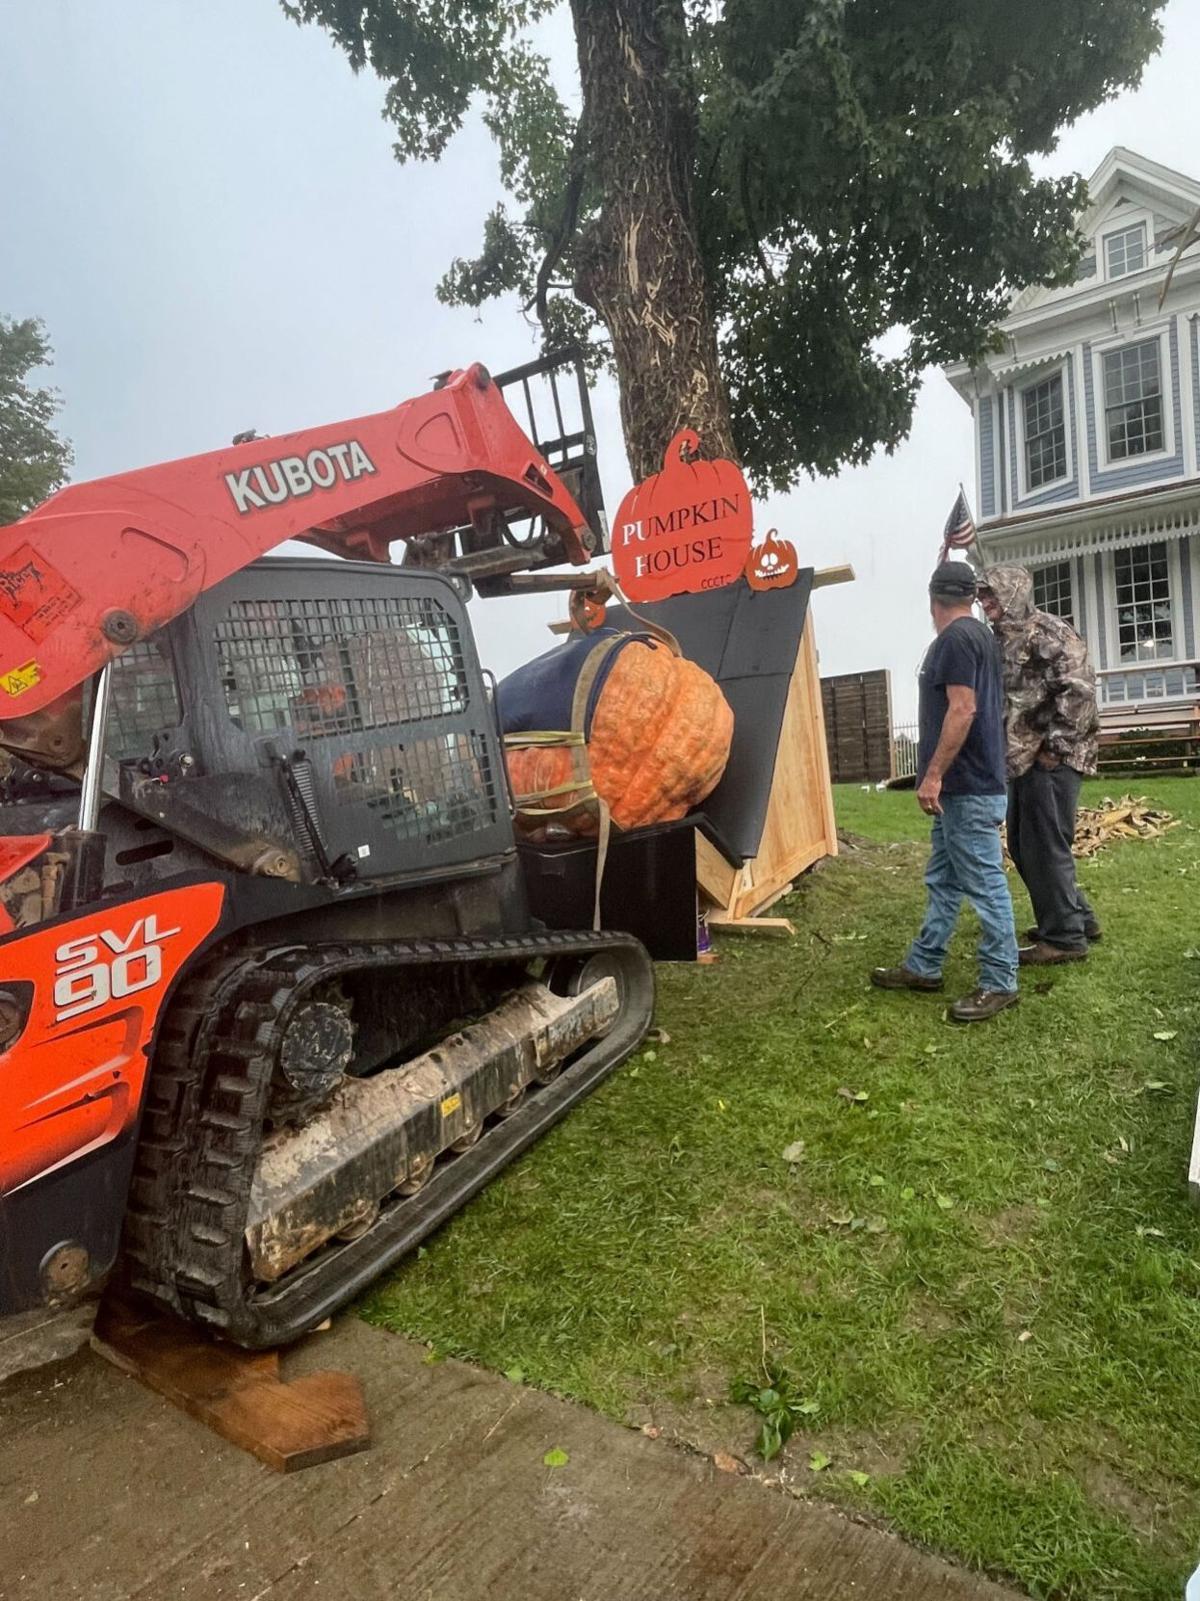 Photo: 20211009-hd-pumpkinhouse Pumpkin House welcomes giant centerpiece?